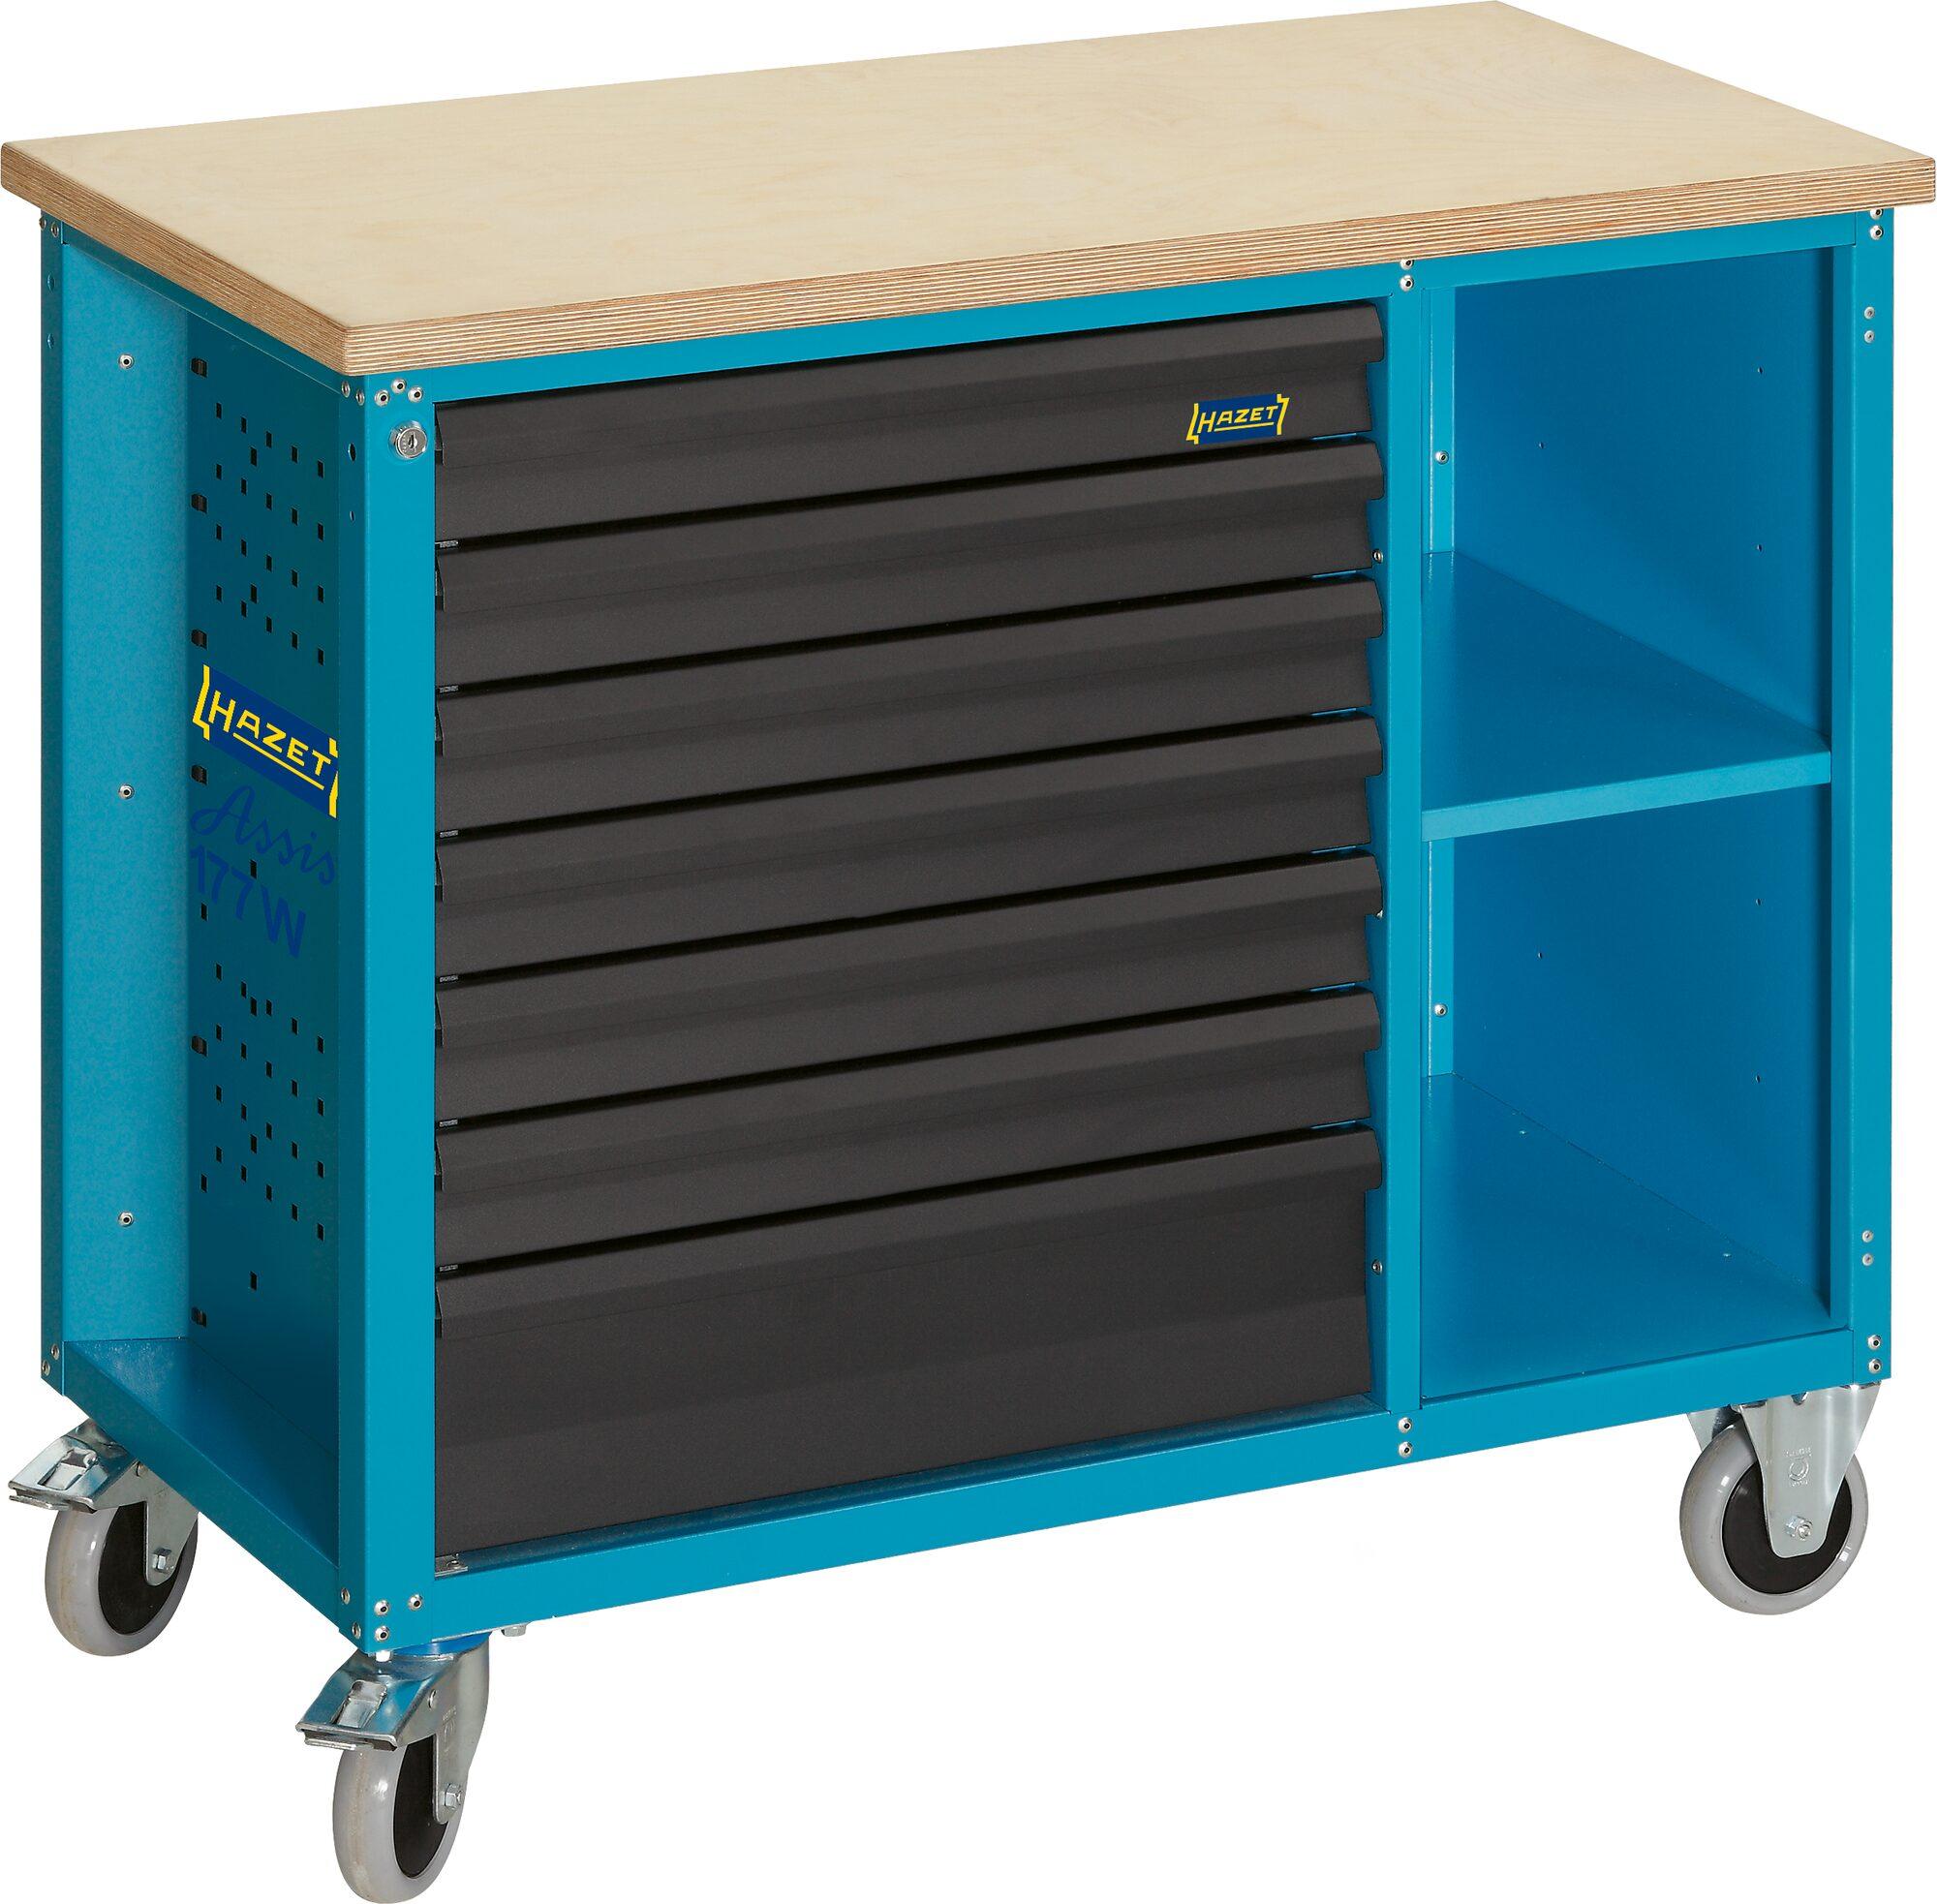 HAZET Fahrbare Werkbank 177W-7 ∙ Schubladen, flach: 6x 79x527x348 mm